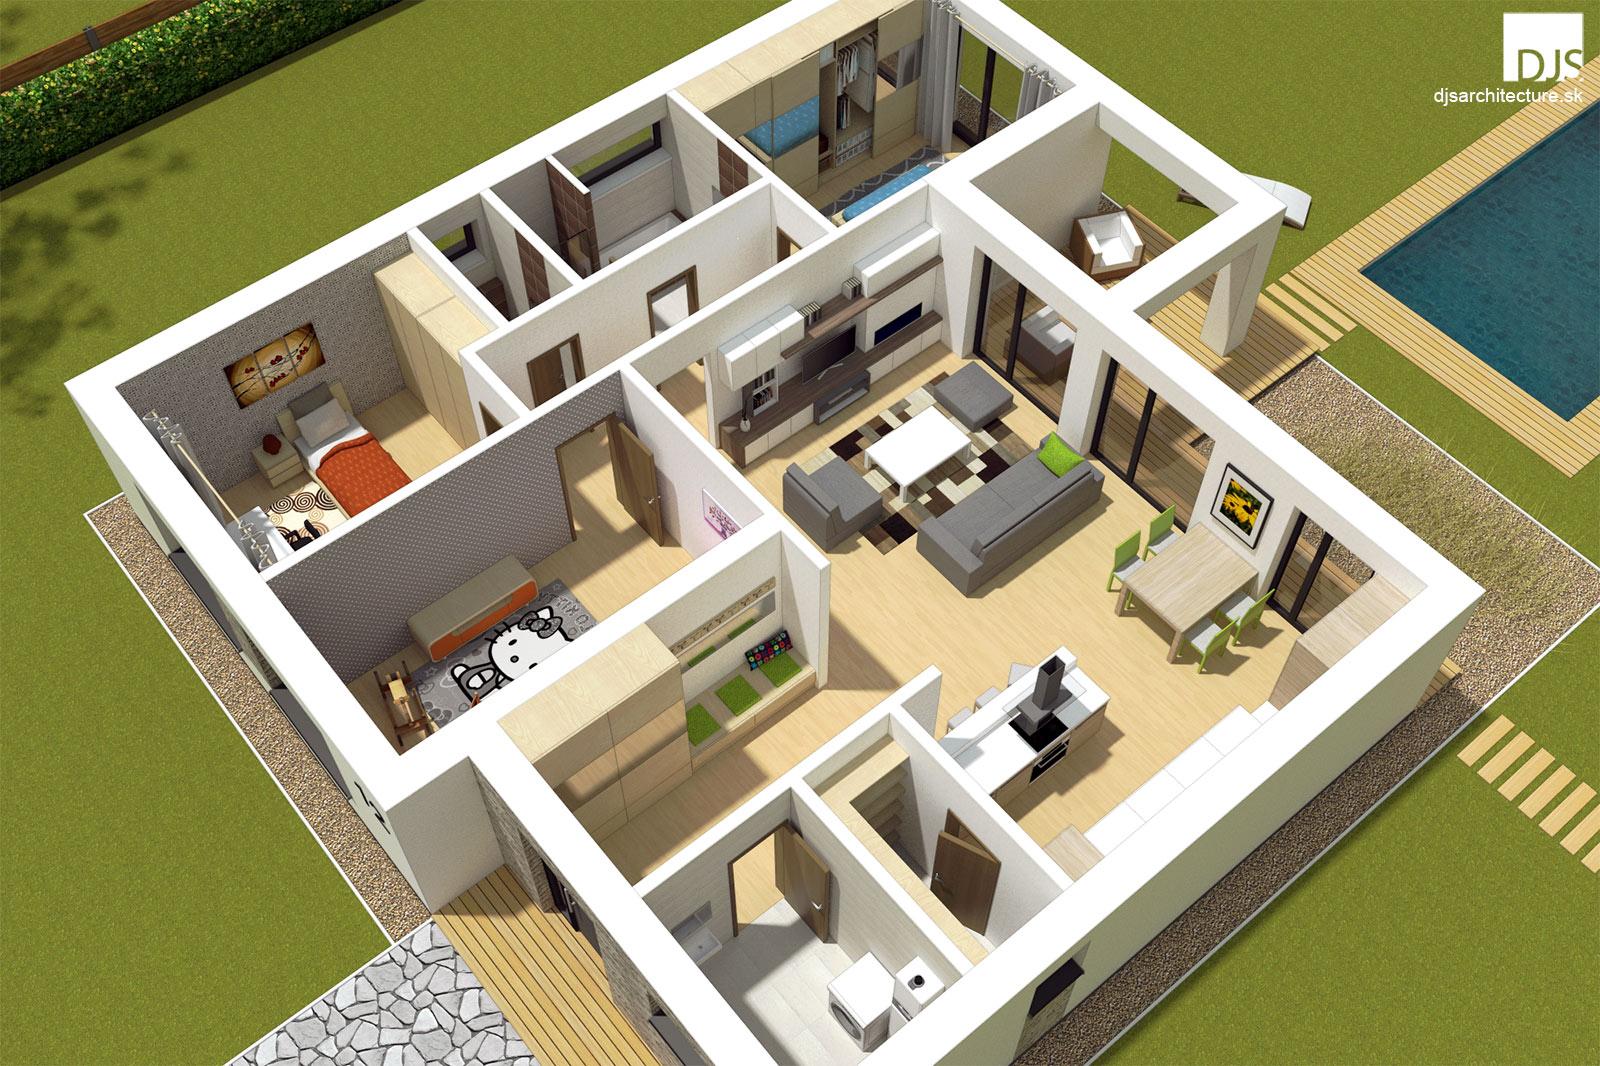 Projekt Domu V Tvare L Bungalov L110 Djs Architecture